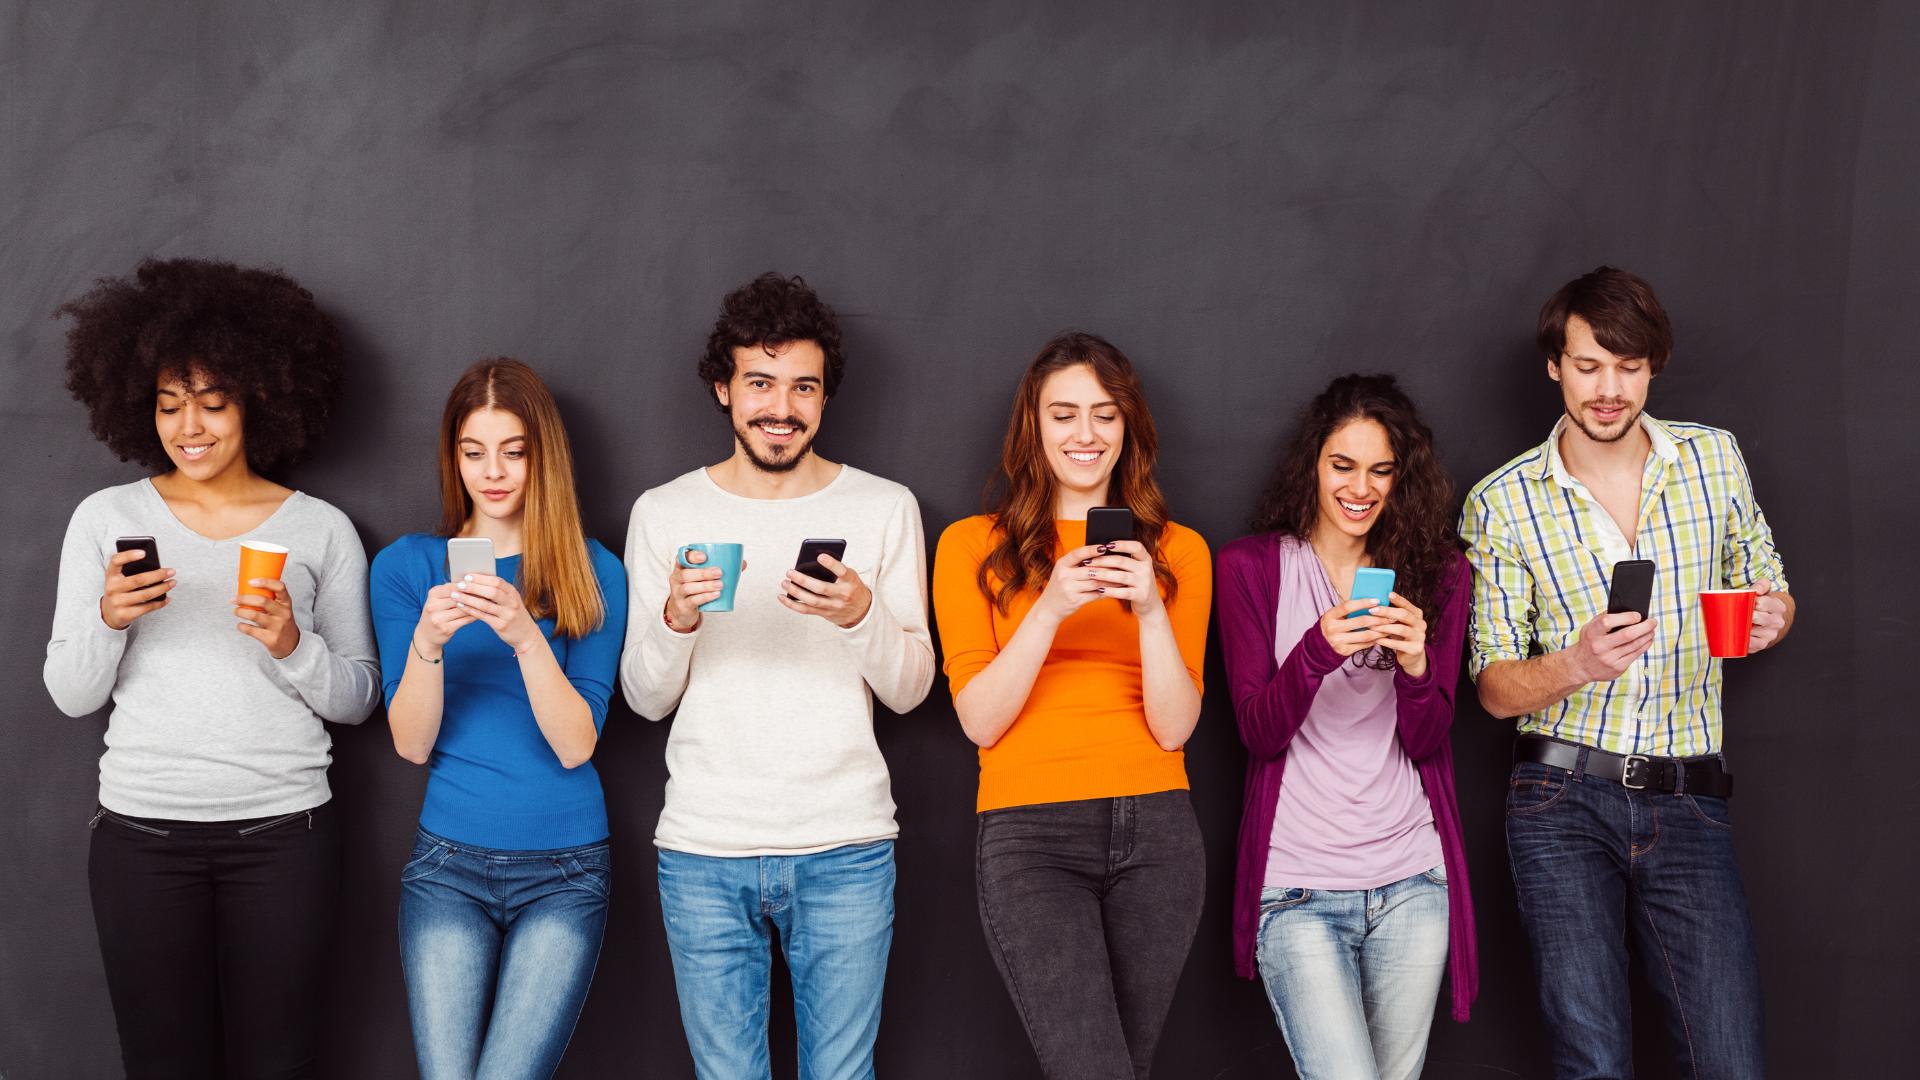 Tineri care utilizează telefonul mobil